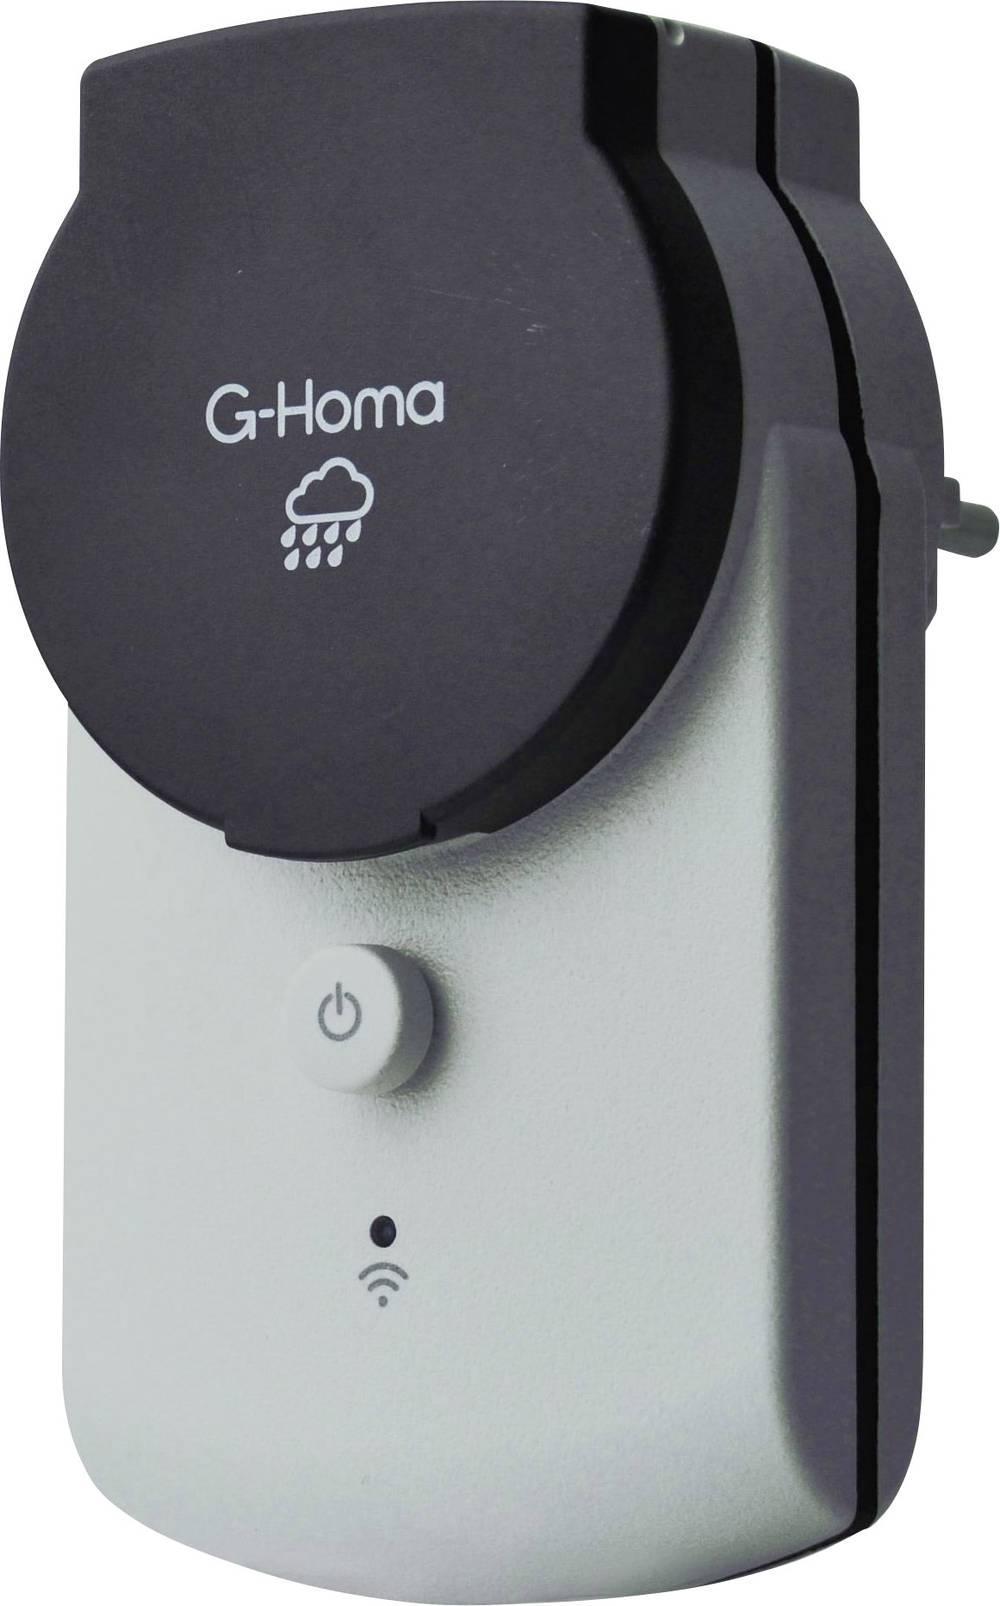 Wi-Fi Trådløs stikdåse Udendørs 3680 W G-Homa 7779